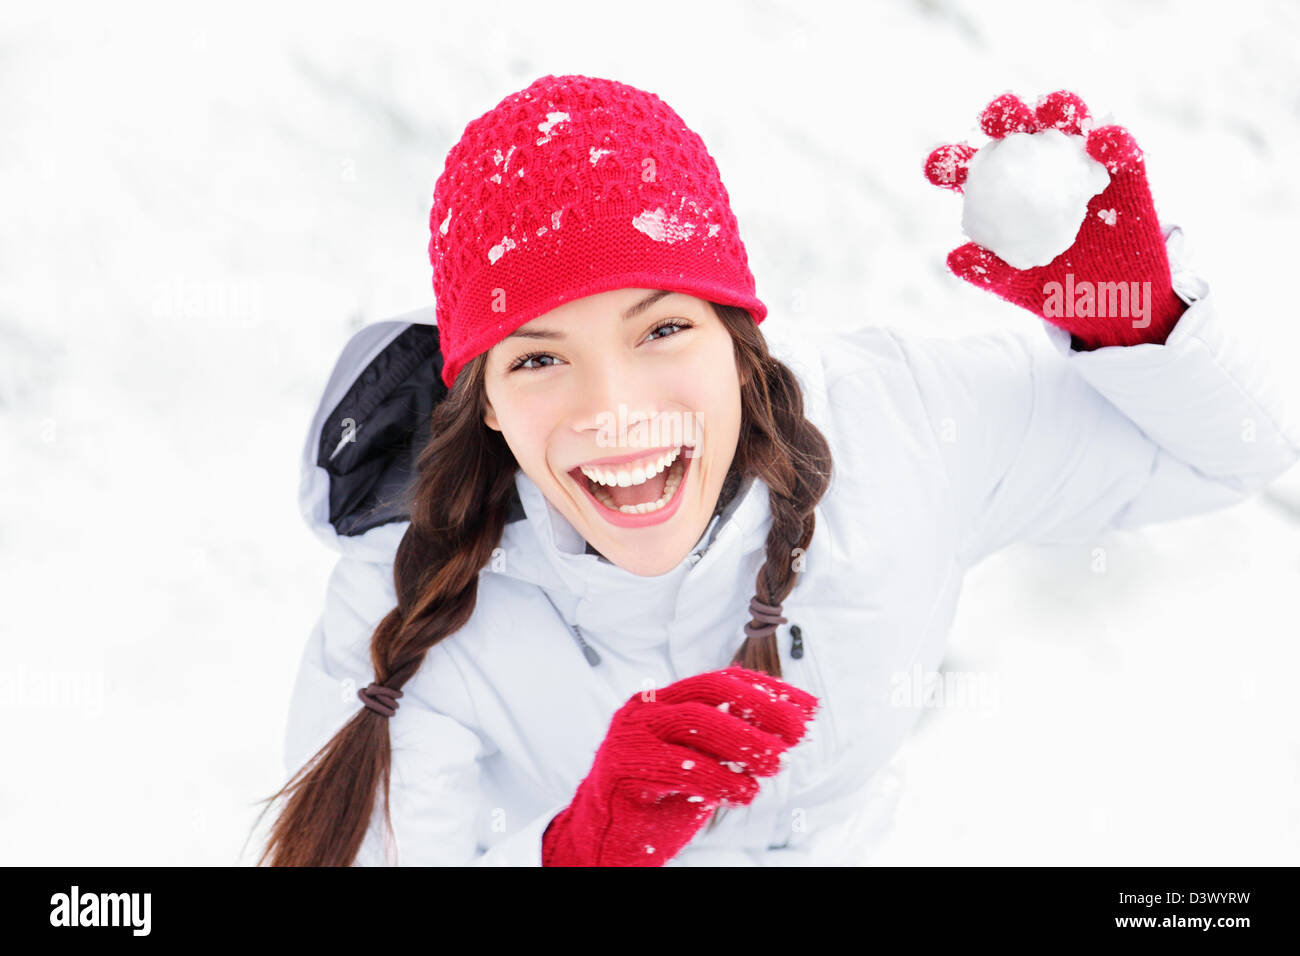 Snowball Stock Photos Snowball Stock Images - Alamy-9830